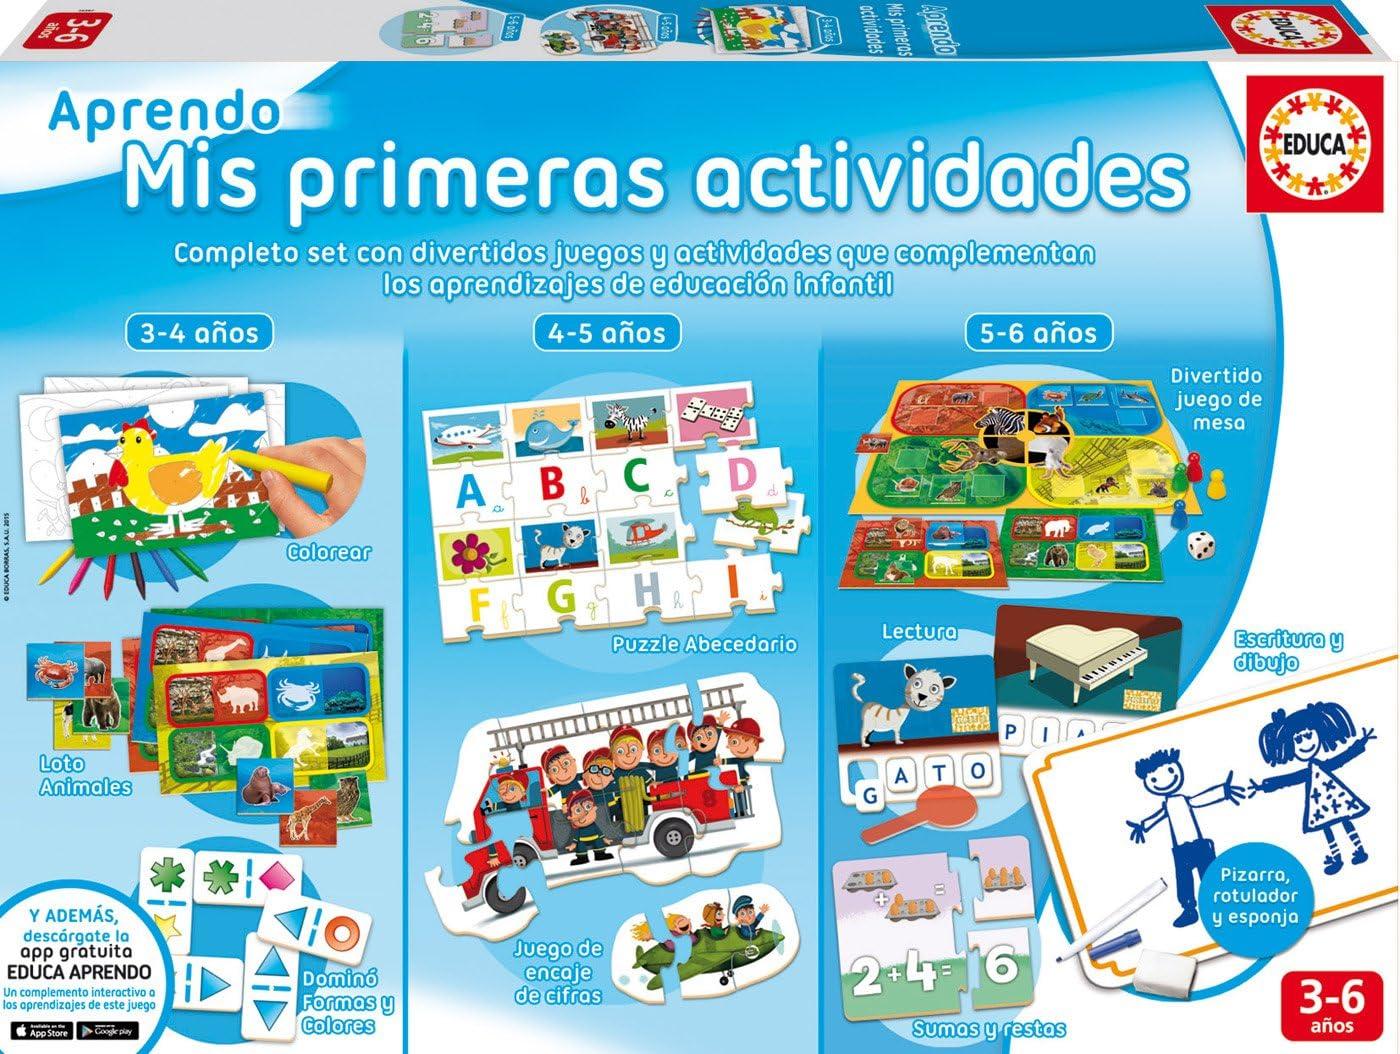 Educa Borrás- Juego, Aprendo Mis primeras Actividades, 37.1 x 27.2 x 8.6 (16397): Amazon.es: Juguetes y juegos